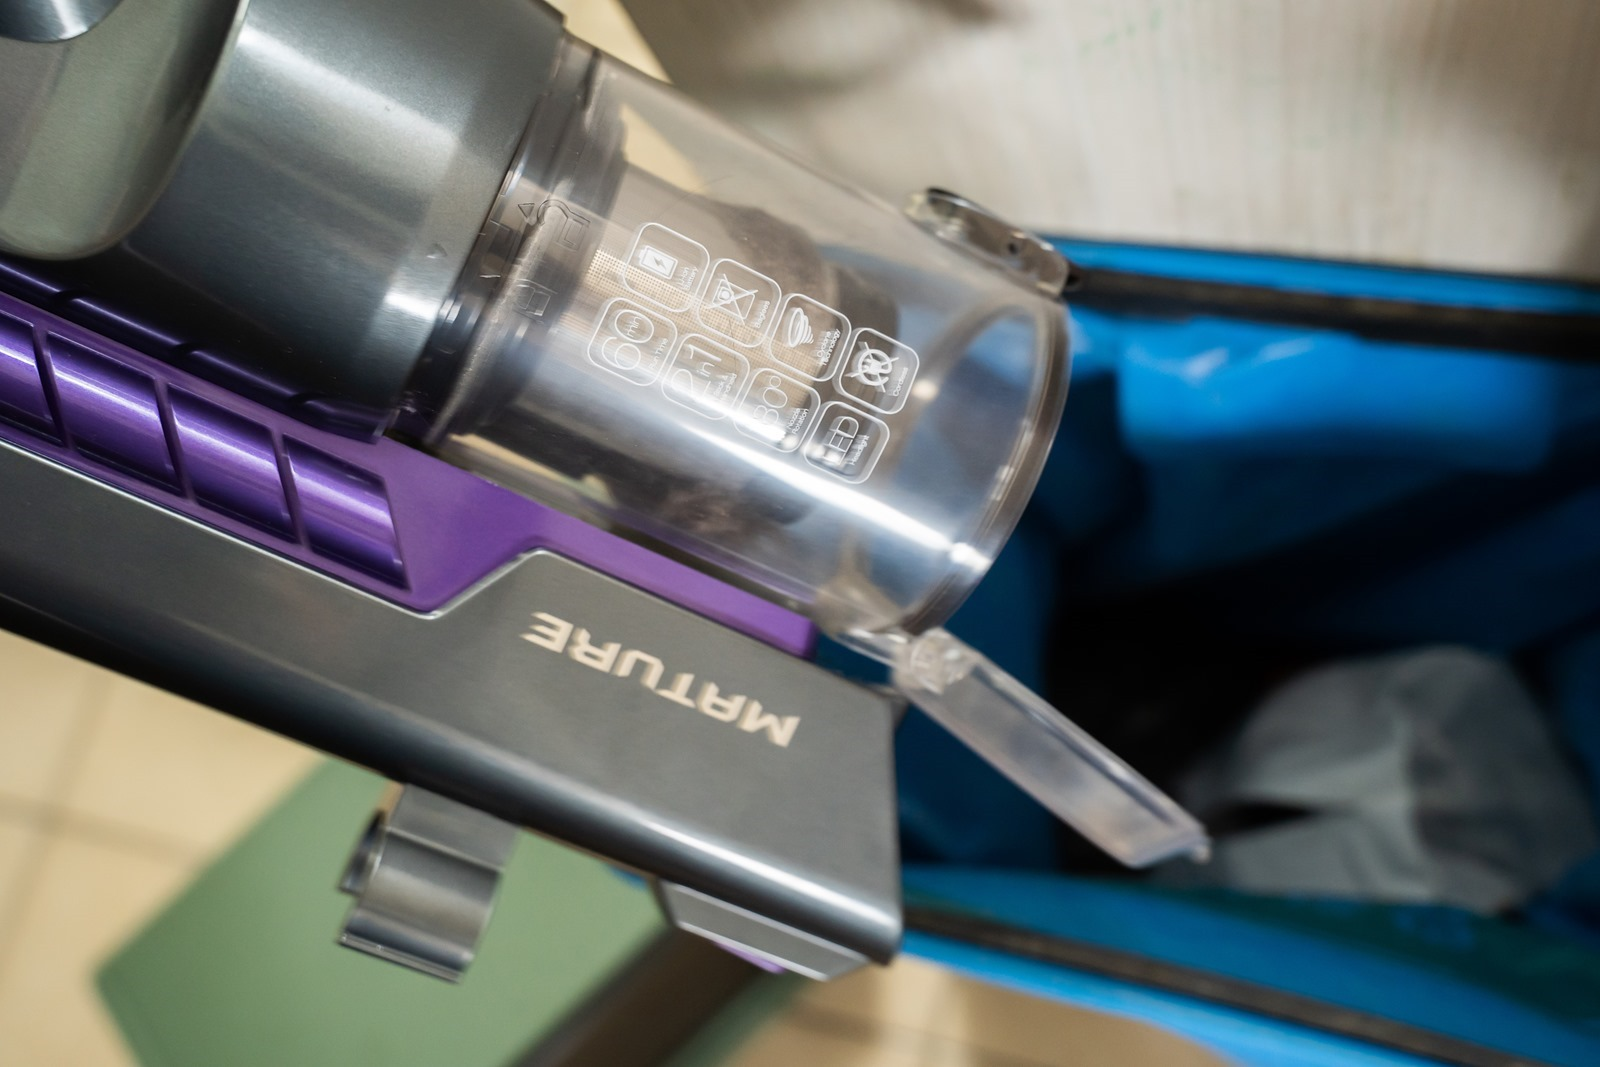 吸力強勁,可水洗濾心!MATURE 美萃 數位馬達無線吸塵器帶來安靜如夢境的清掃體驗 @3C 達人廖阿輝